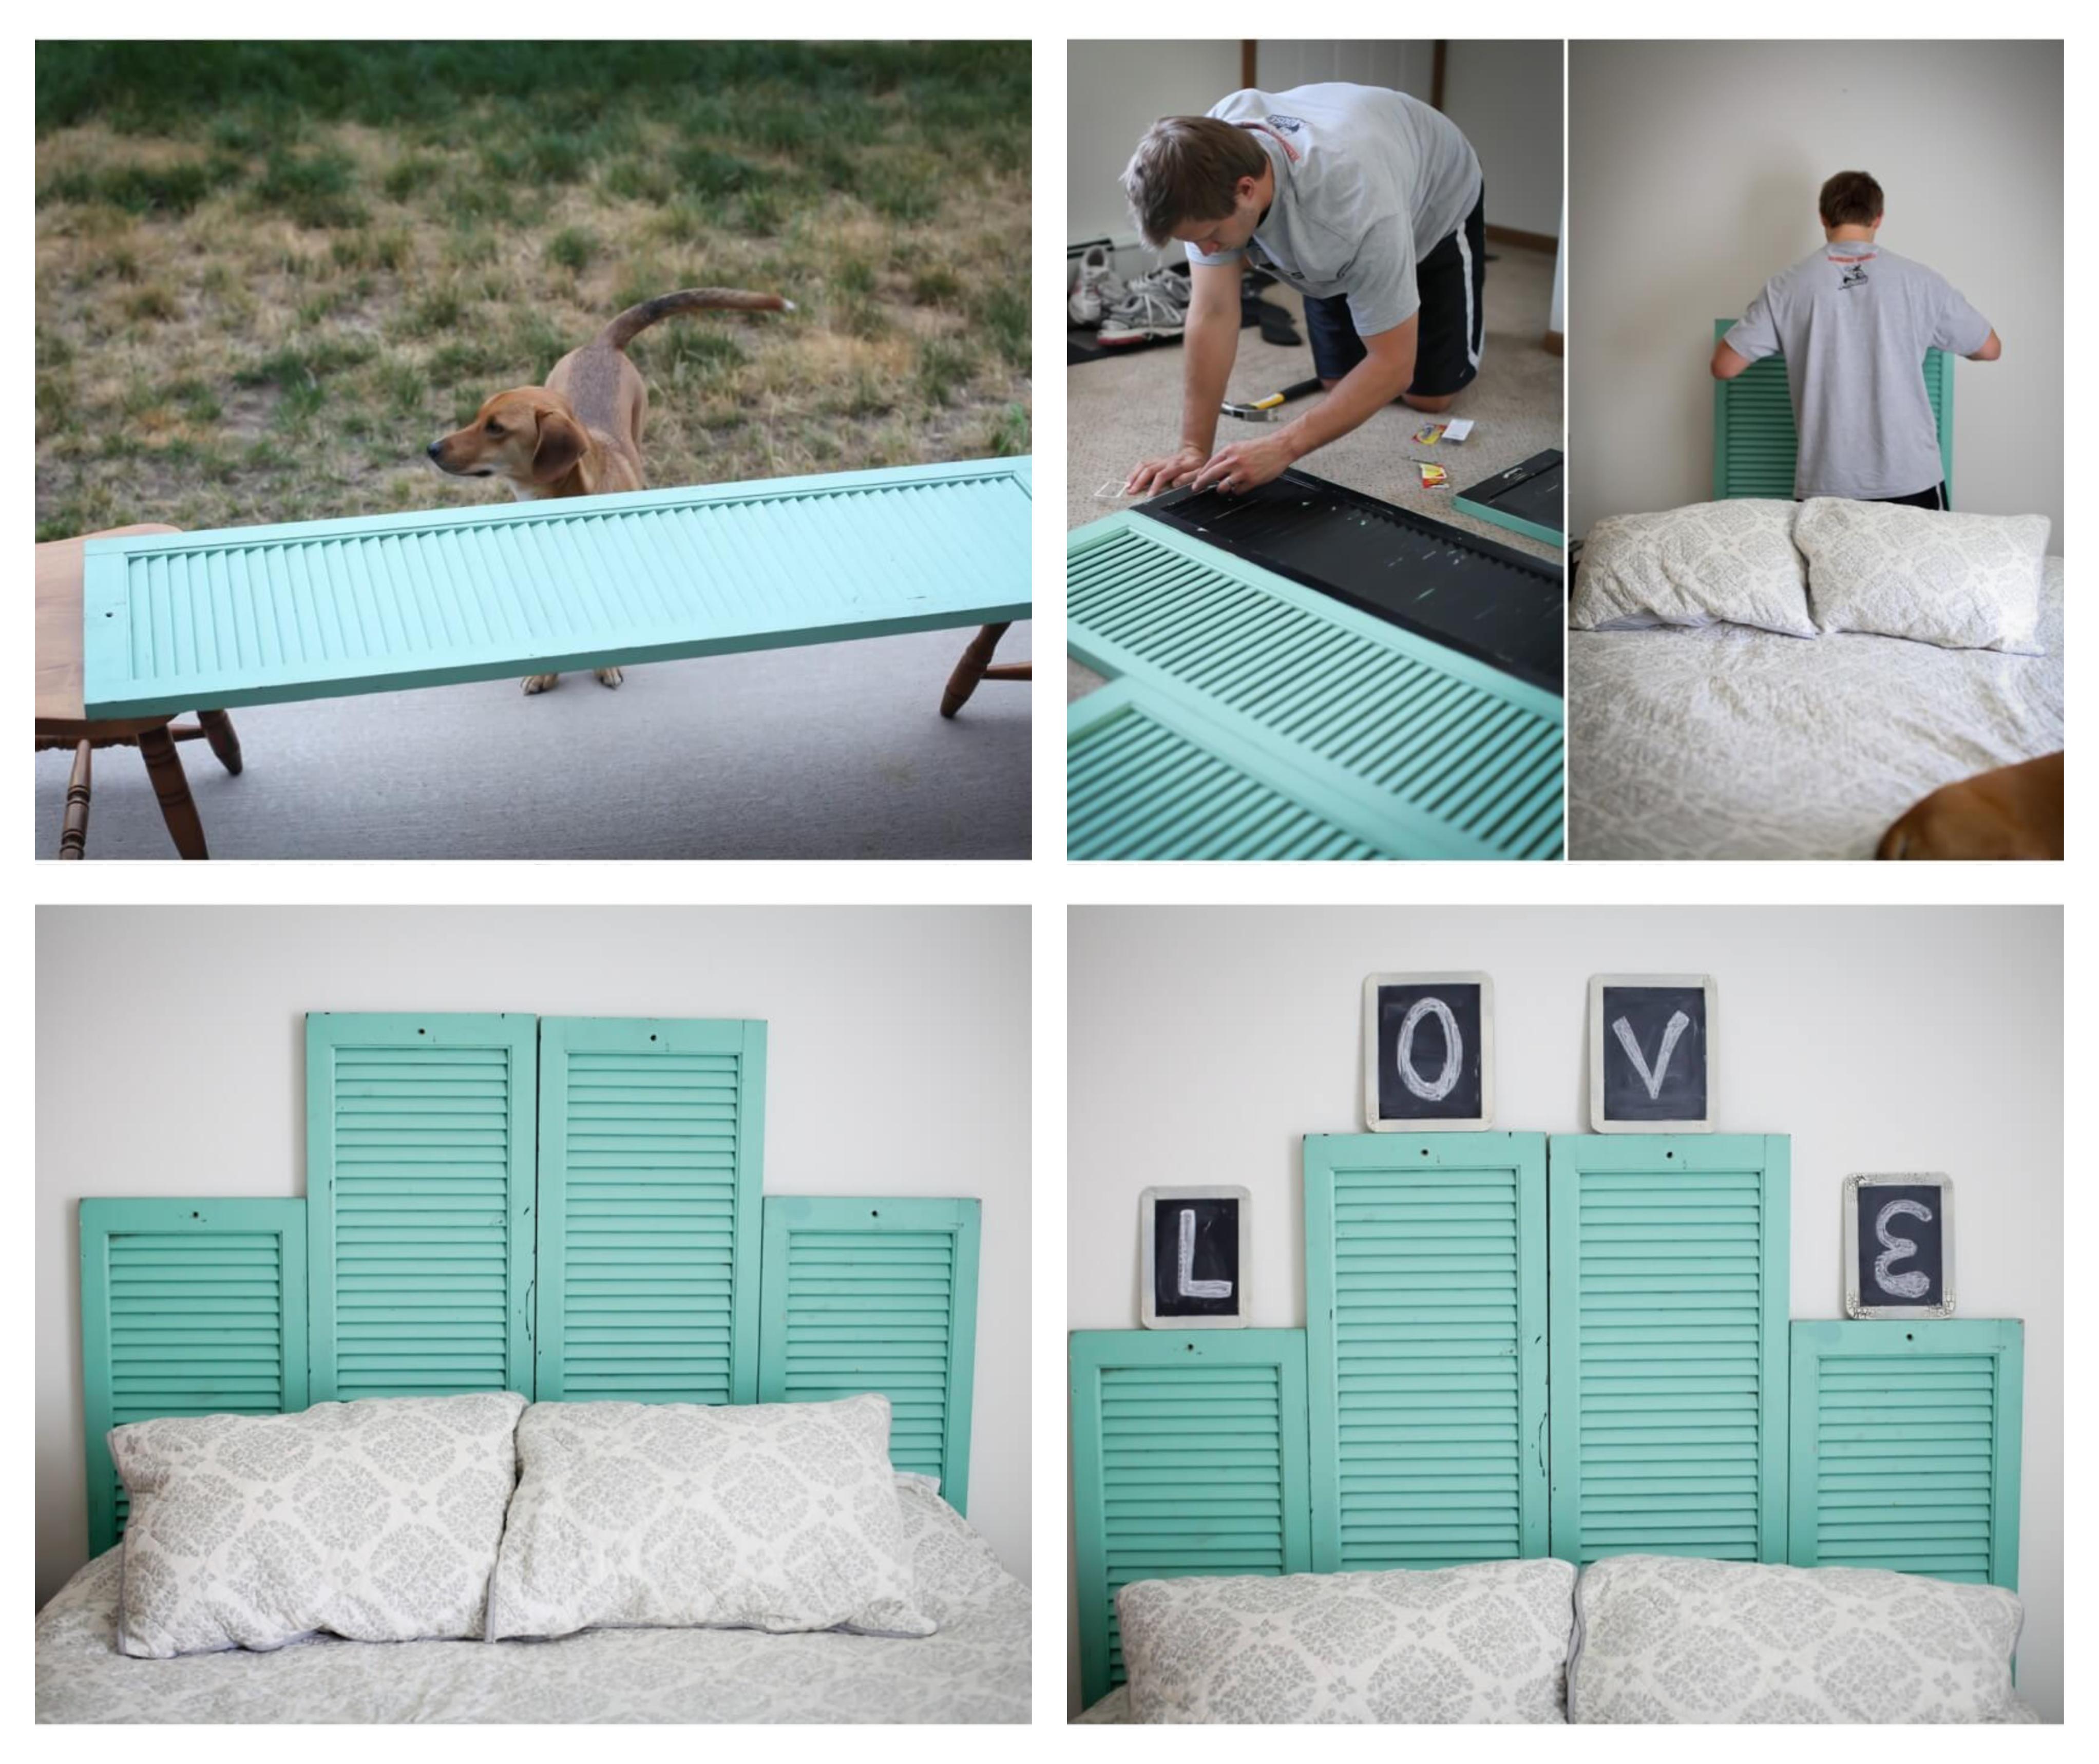 la d co t te de lit en plusieurs id es de bricolage g niales que vous pouvez r aliser par vous. Black Bedroom Furniture Sets. Home Design Ideas